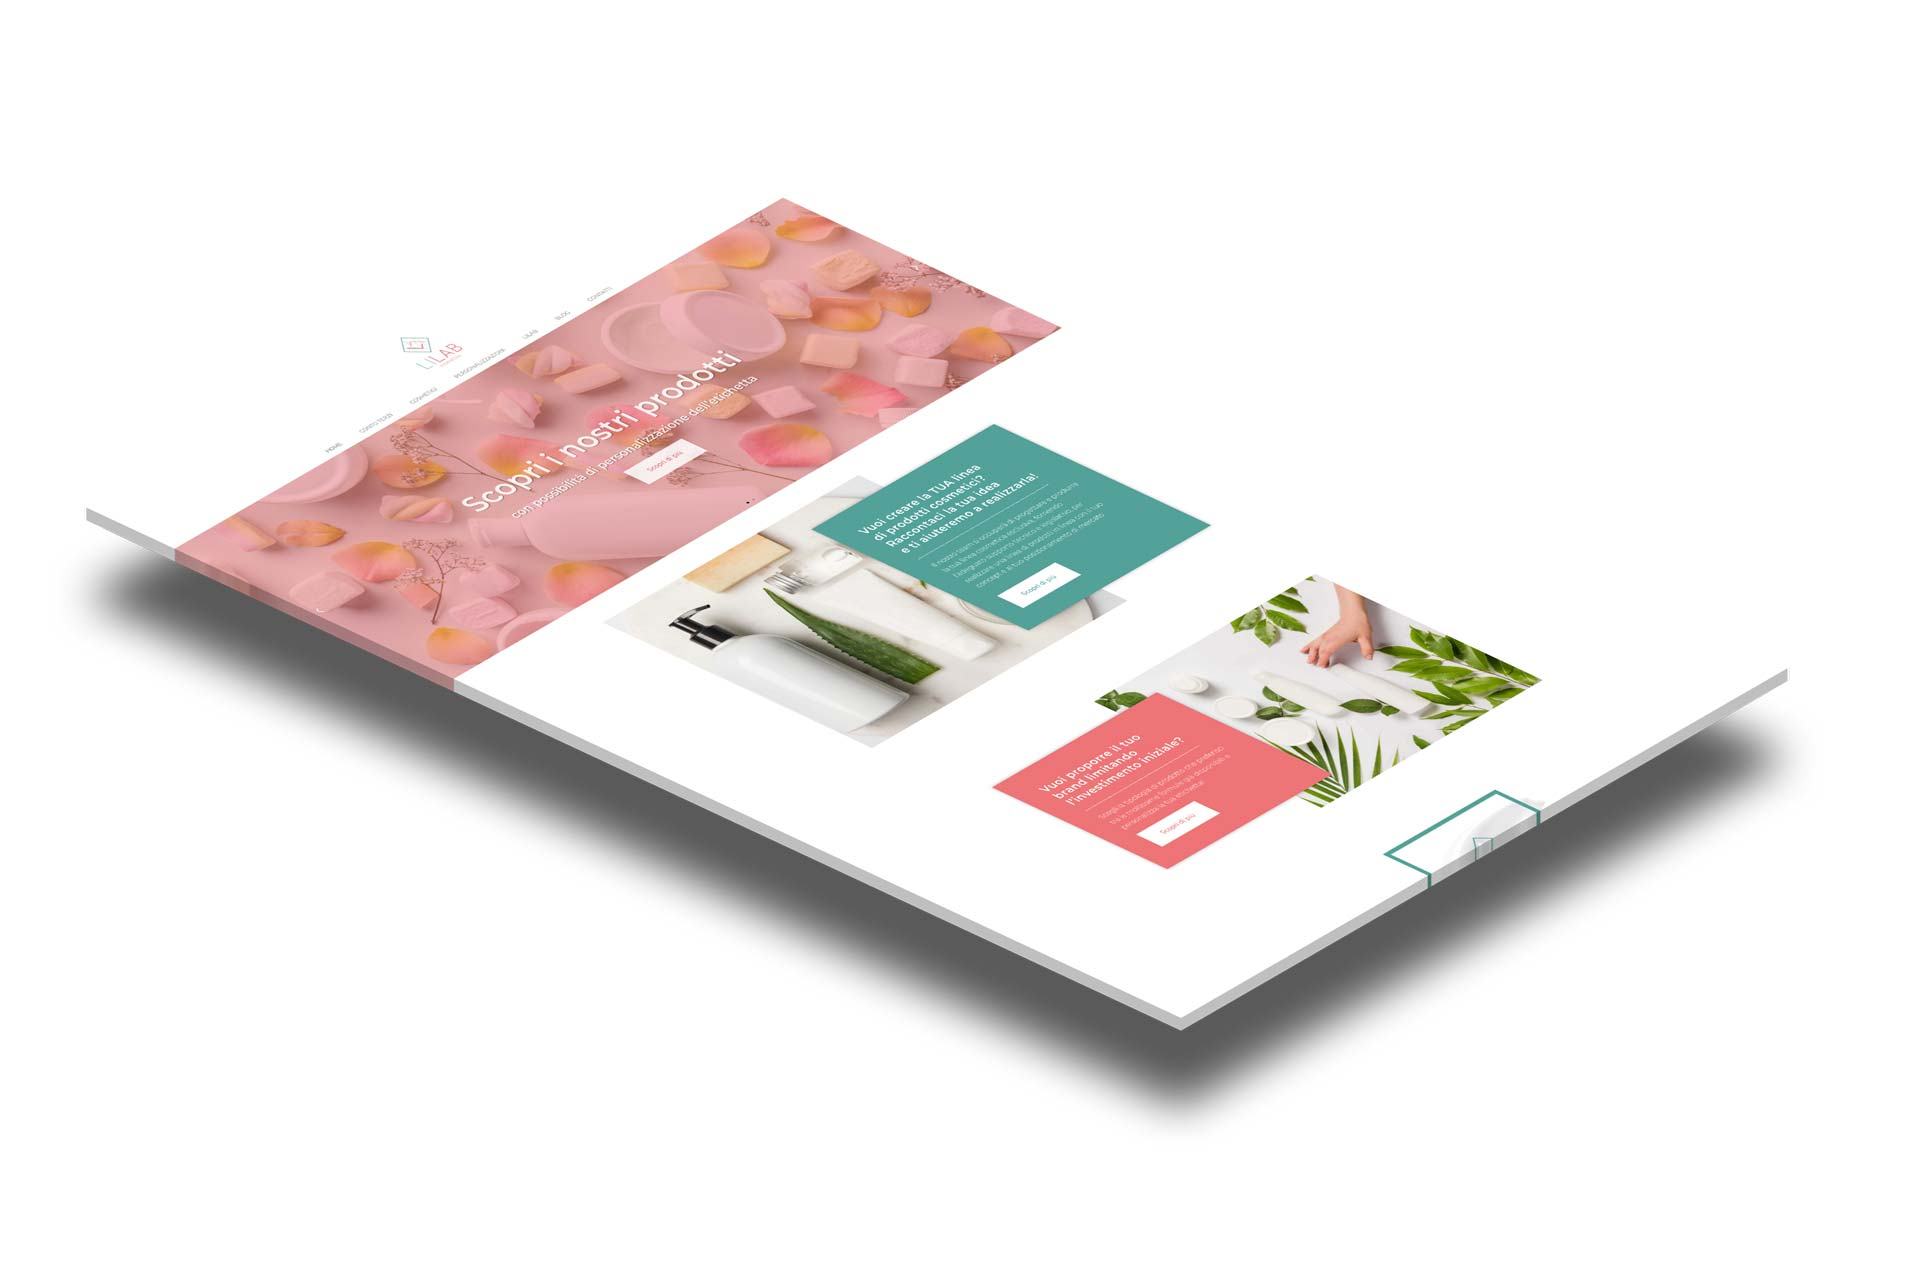 lilab-iperattiva-portfolio-mockup